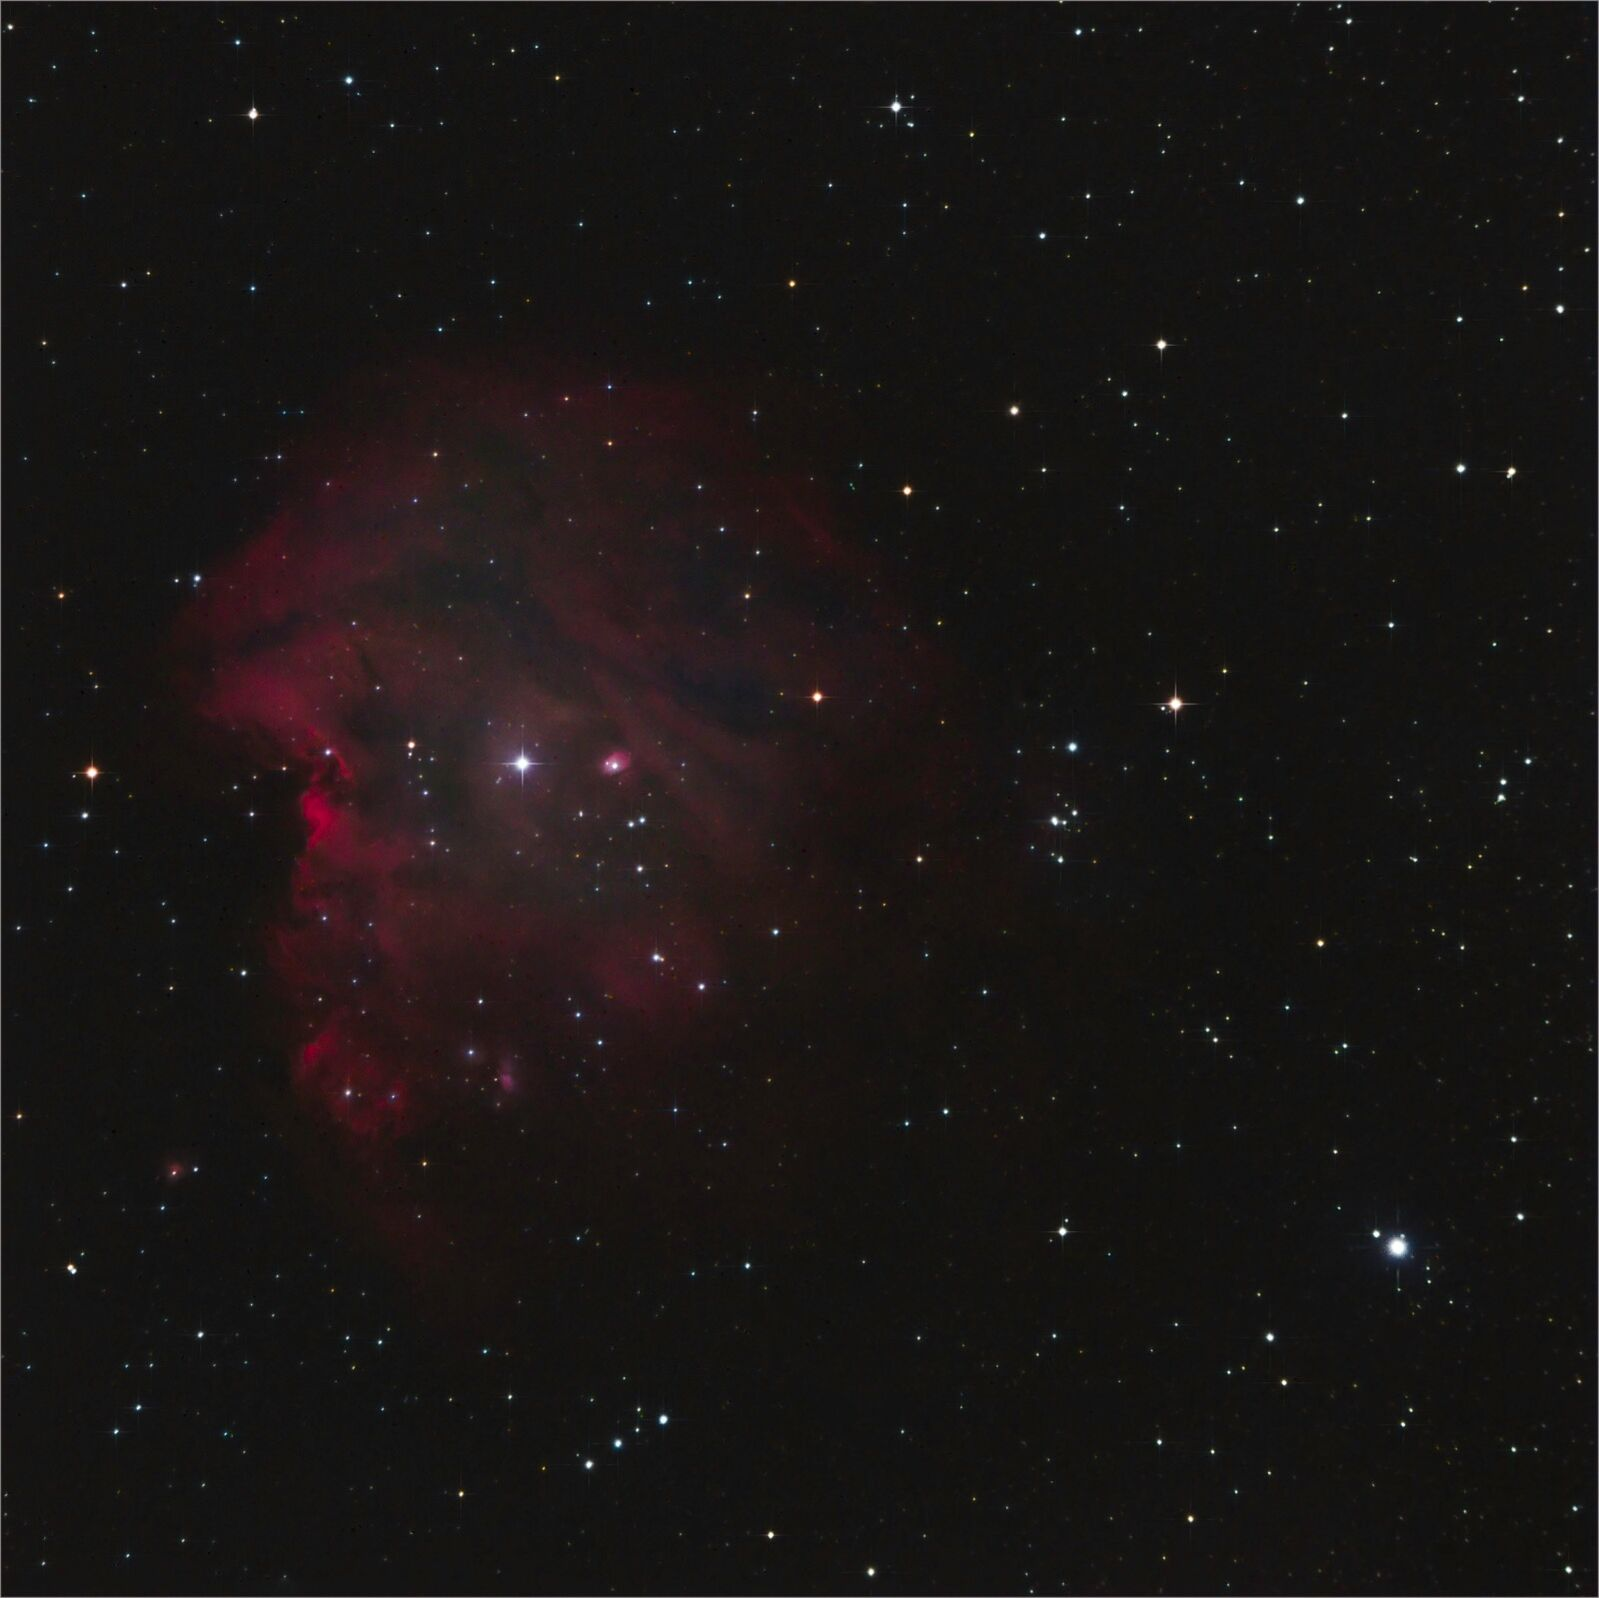 NGC2174 Monkey head Nebula